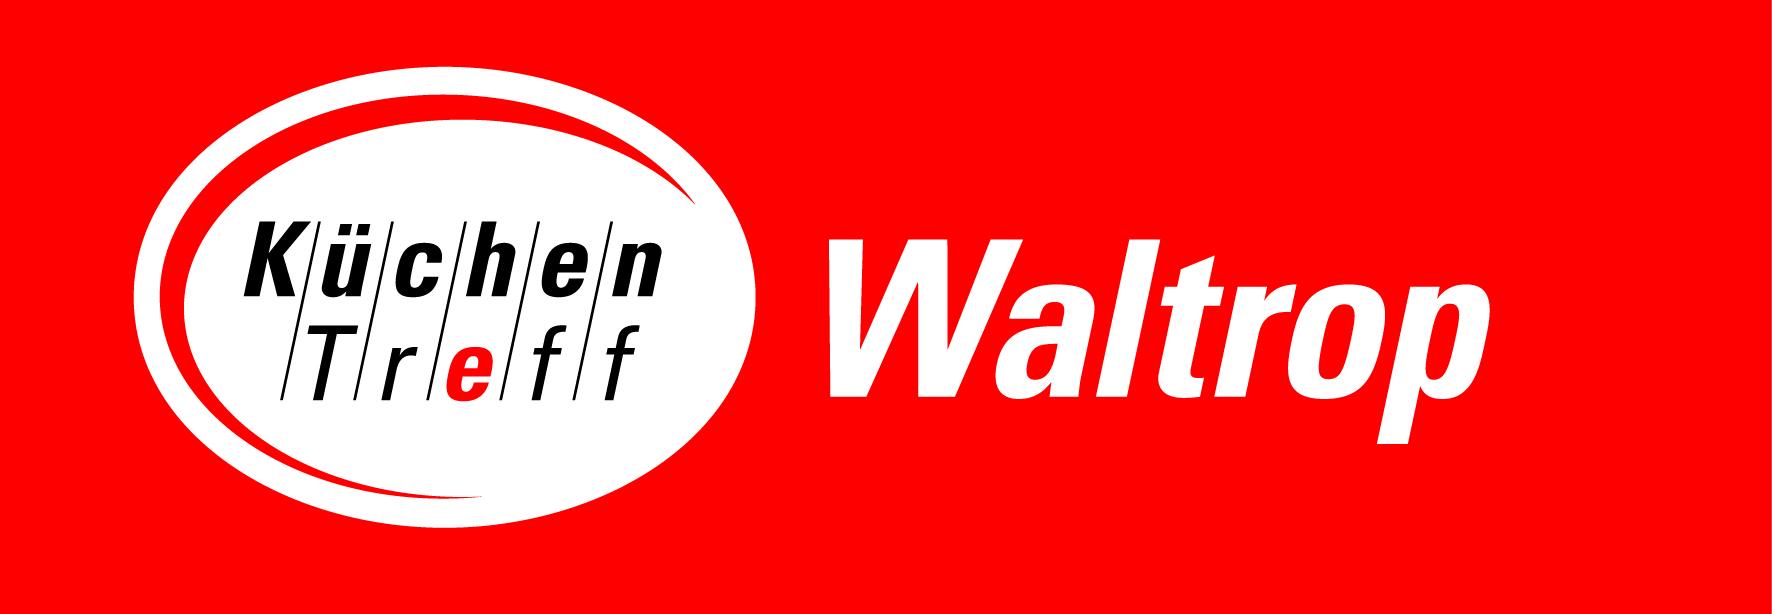 KüchenTreff Waltrop GmbH